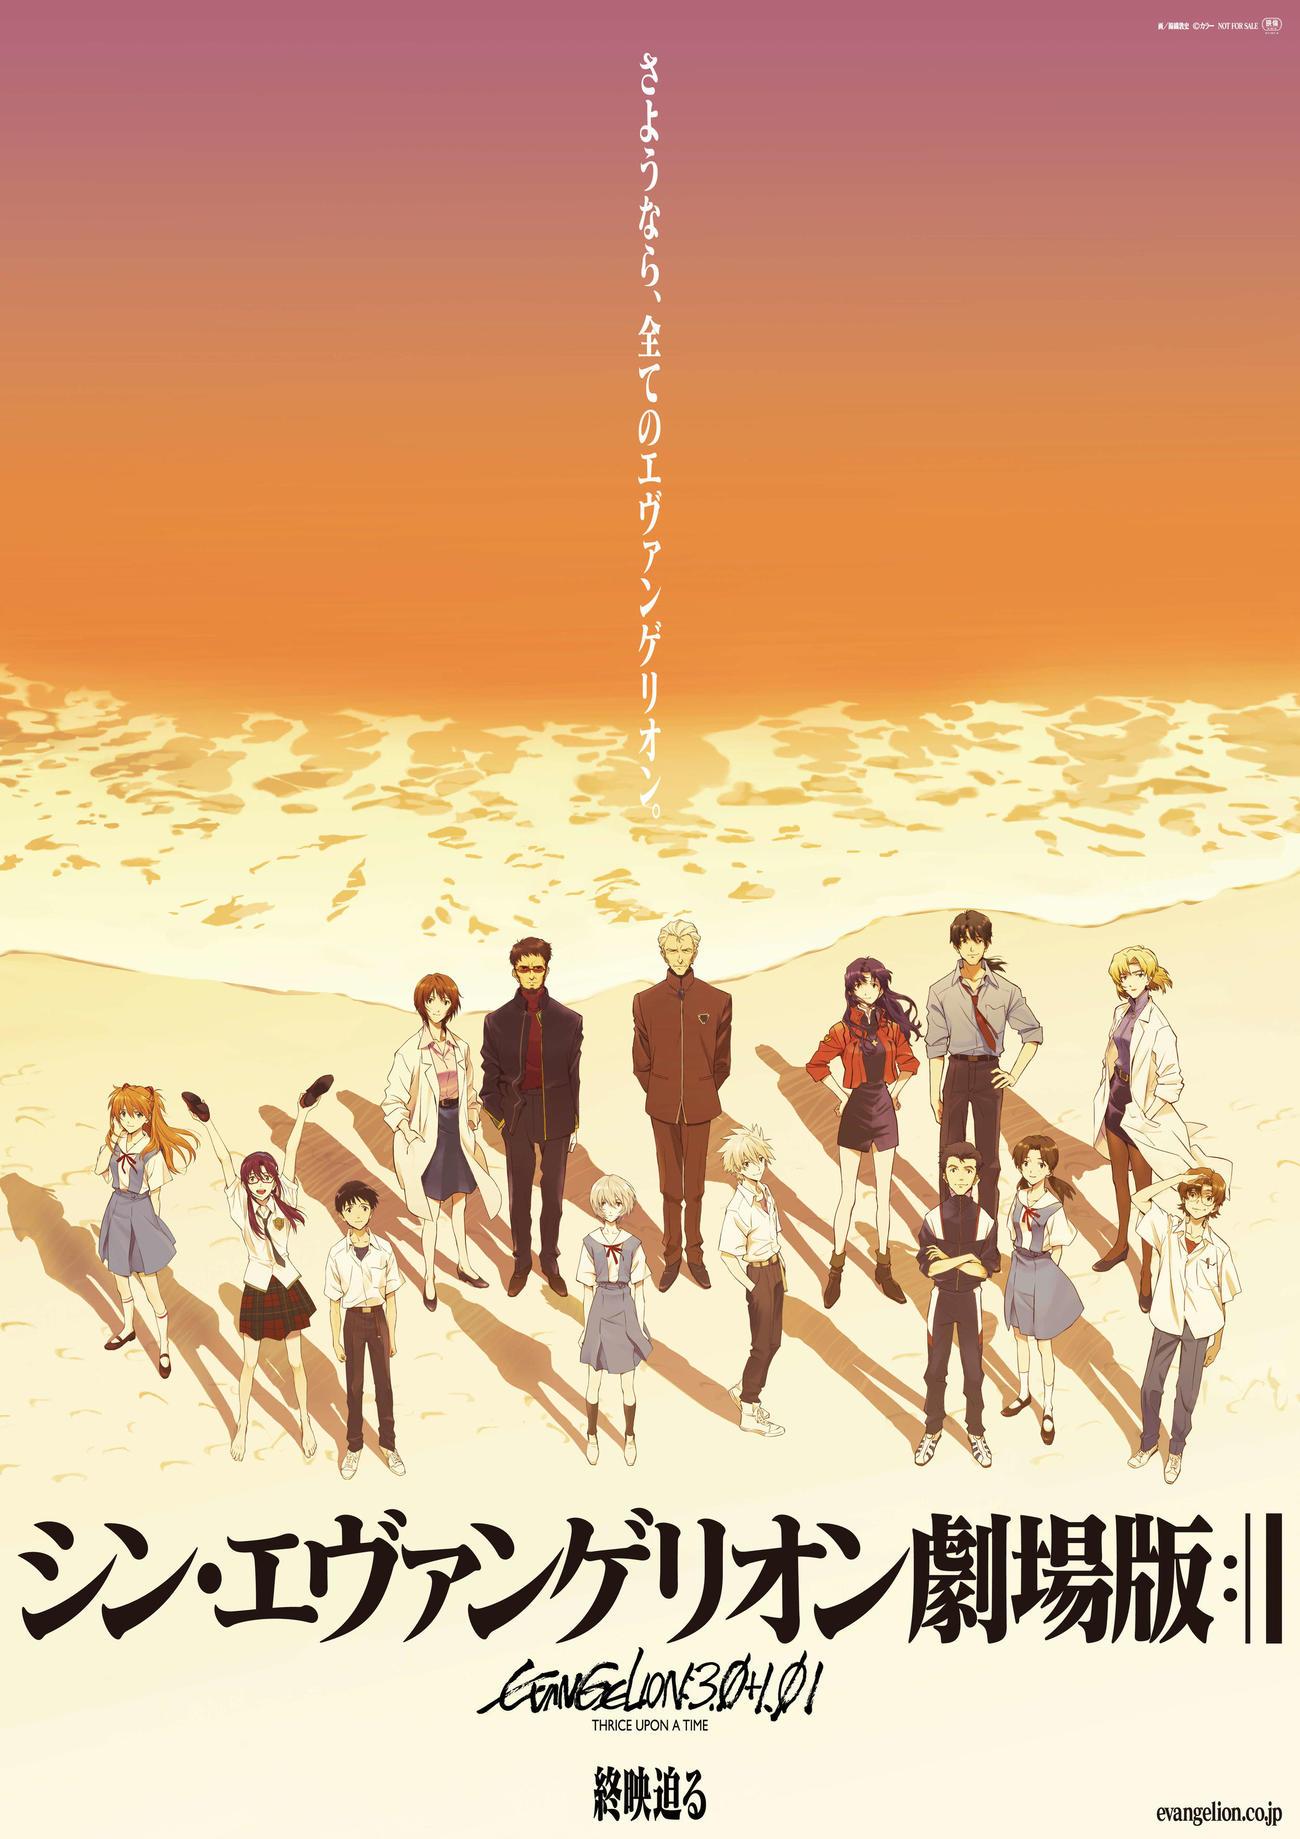 11日から掲出された「シン・エヴァンゲリオン劇場版」最後の劇場用ポスターとなる公開中ポスター2(C)カラー